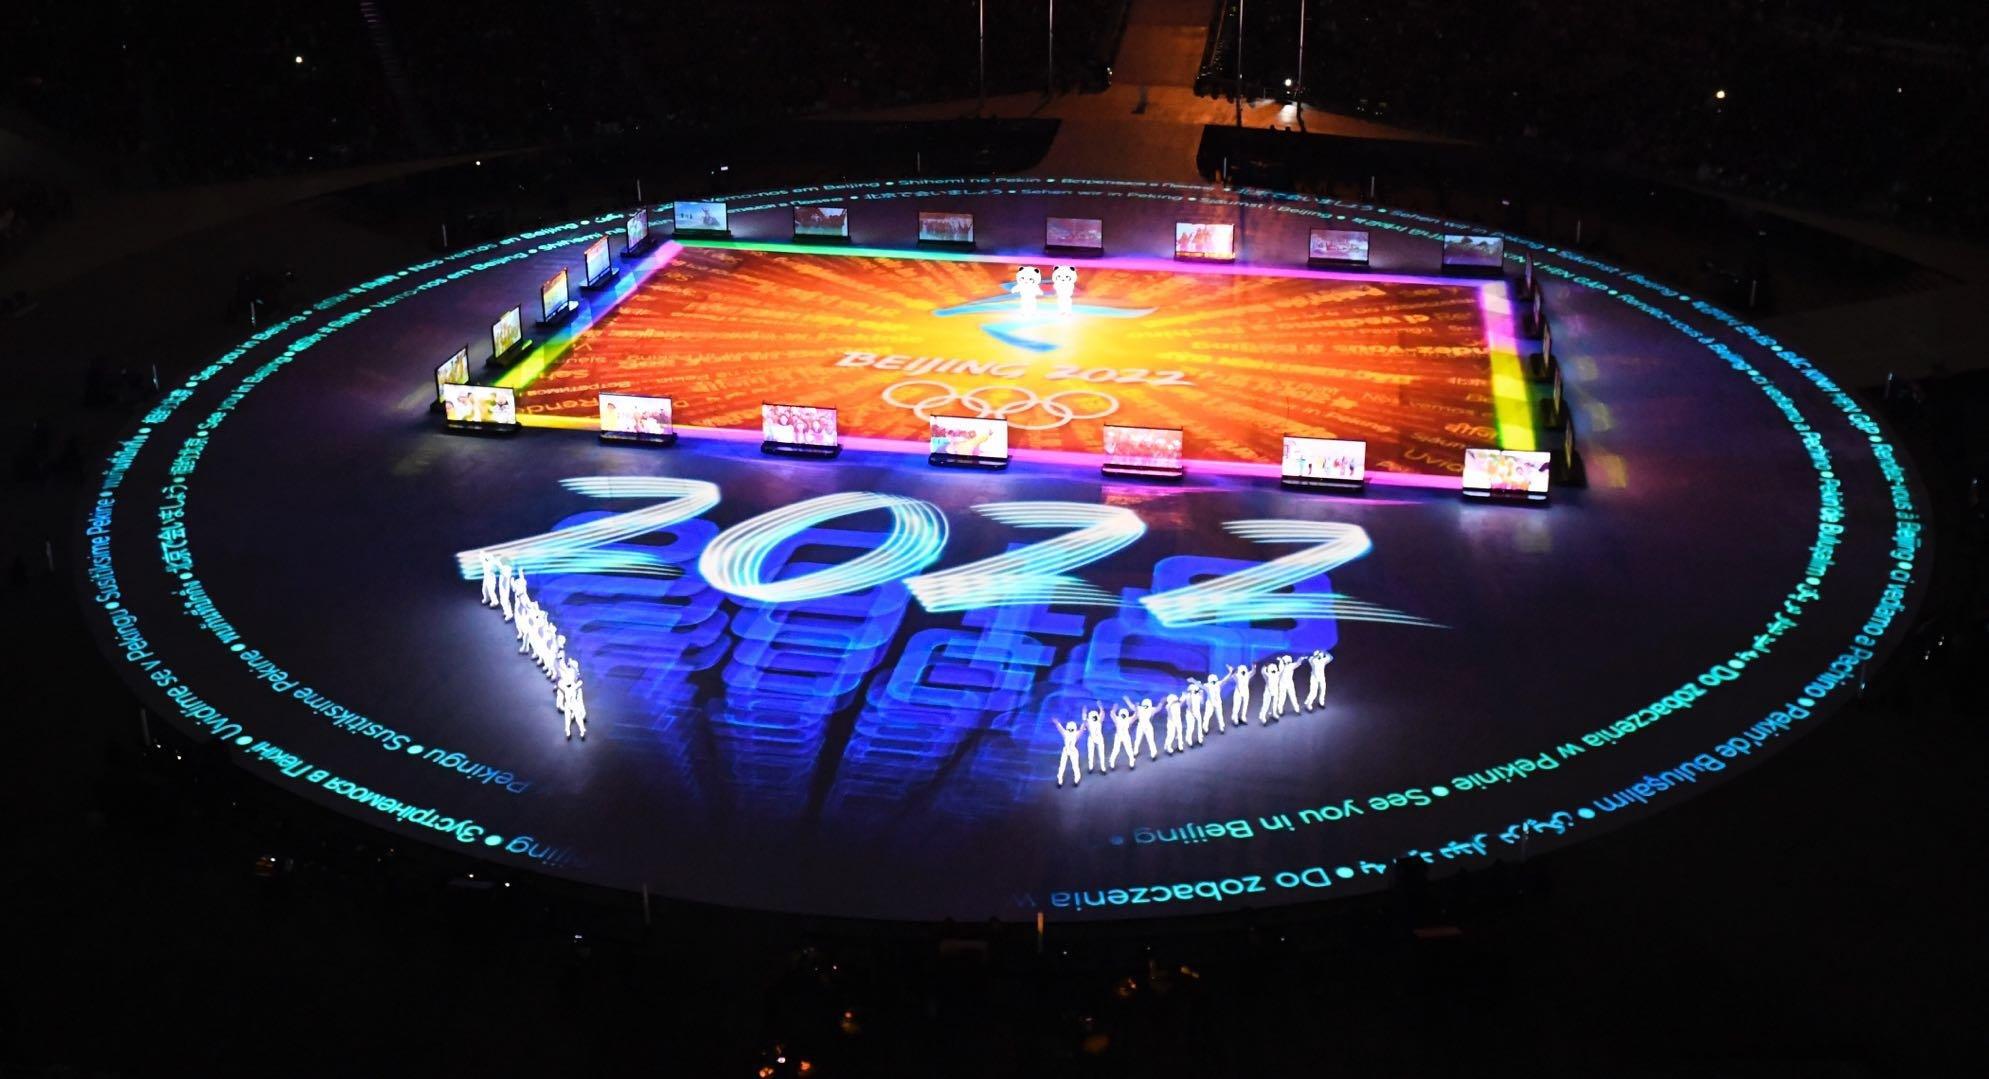 Beijing reçoit le drapeau olympique lors de la cérémonie de clôture de PyeongChang 2018